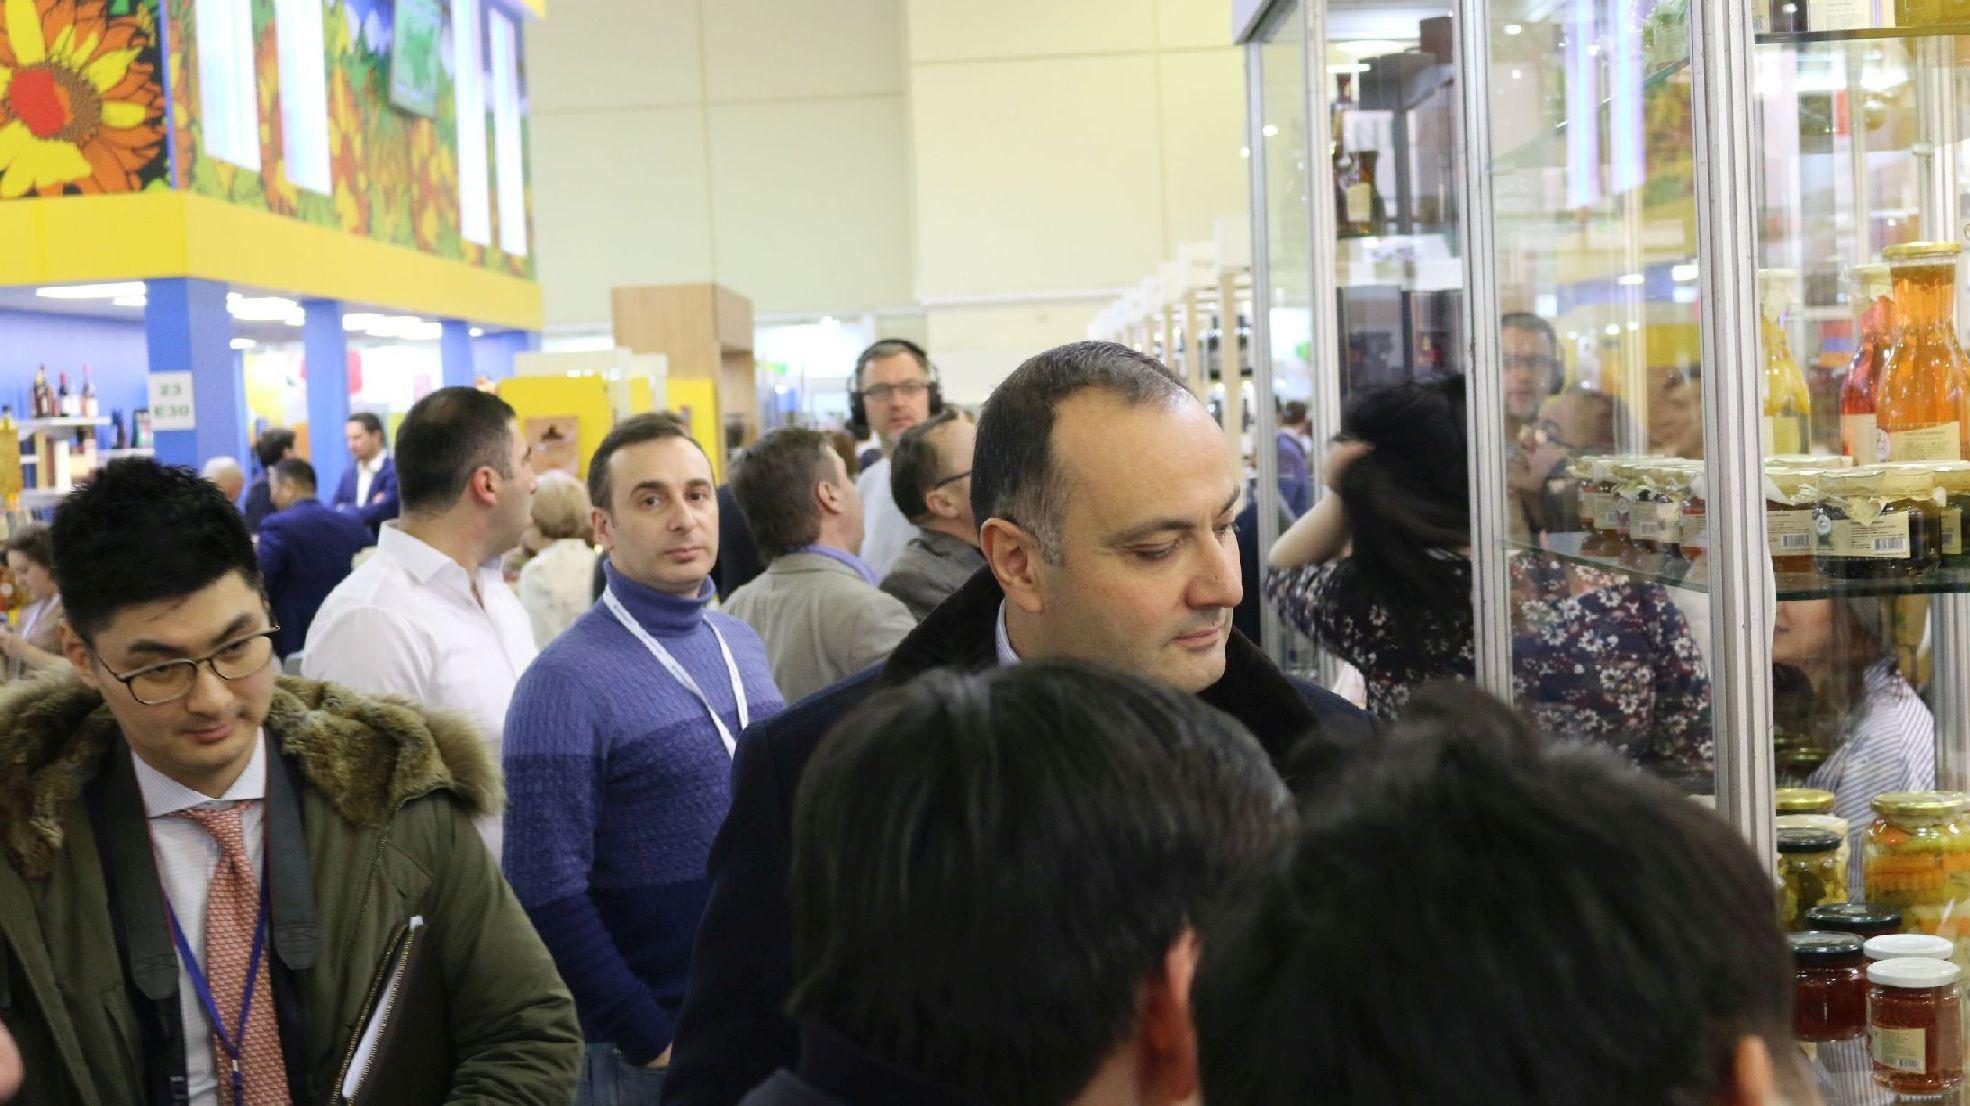 Հայկական 21 արտադրող ընկերություն ներկայացված են Մոսկվայում ընթացող «ProdExpo2018» միջազգային ցուցահանդեսում